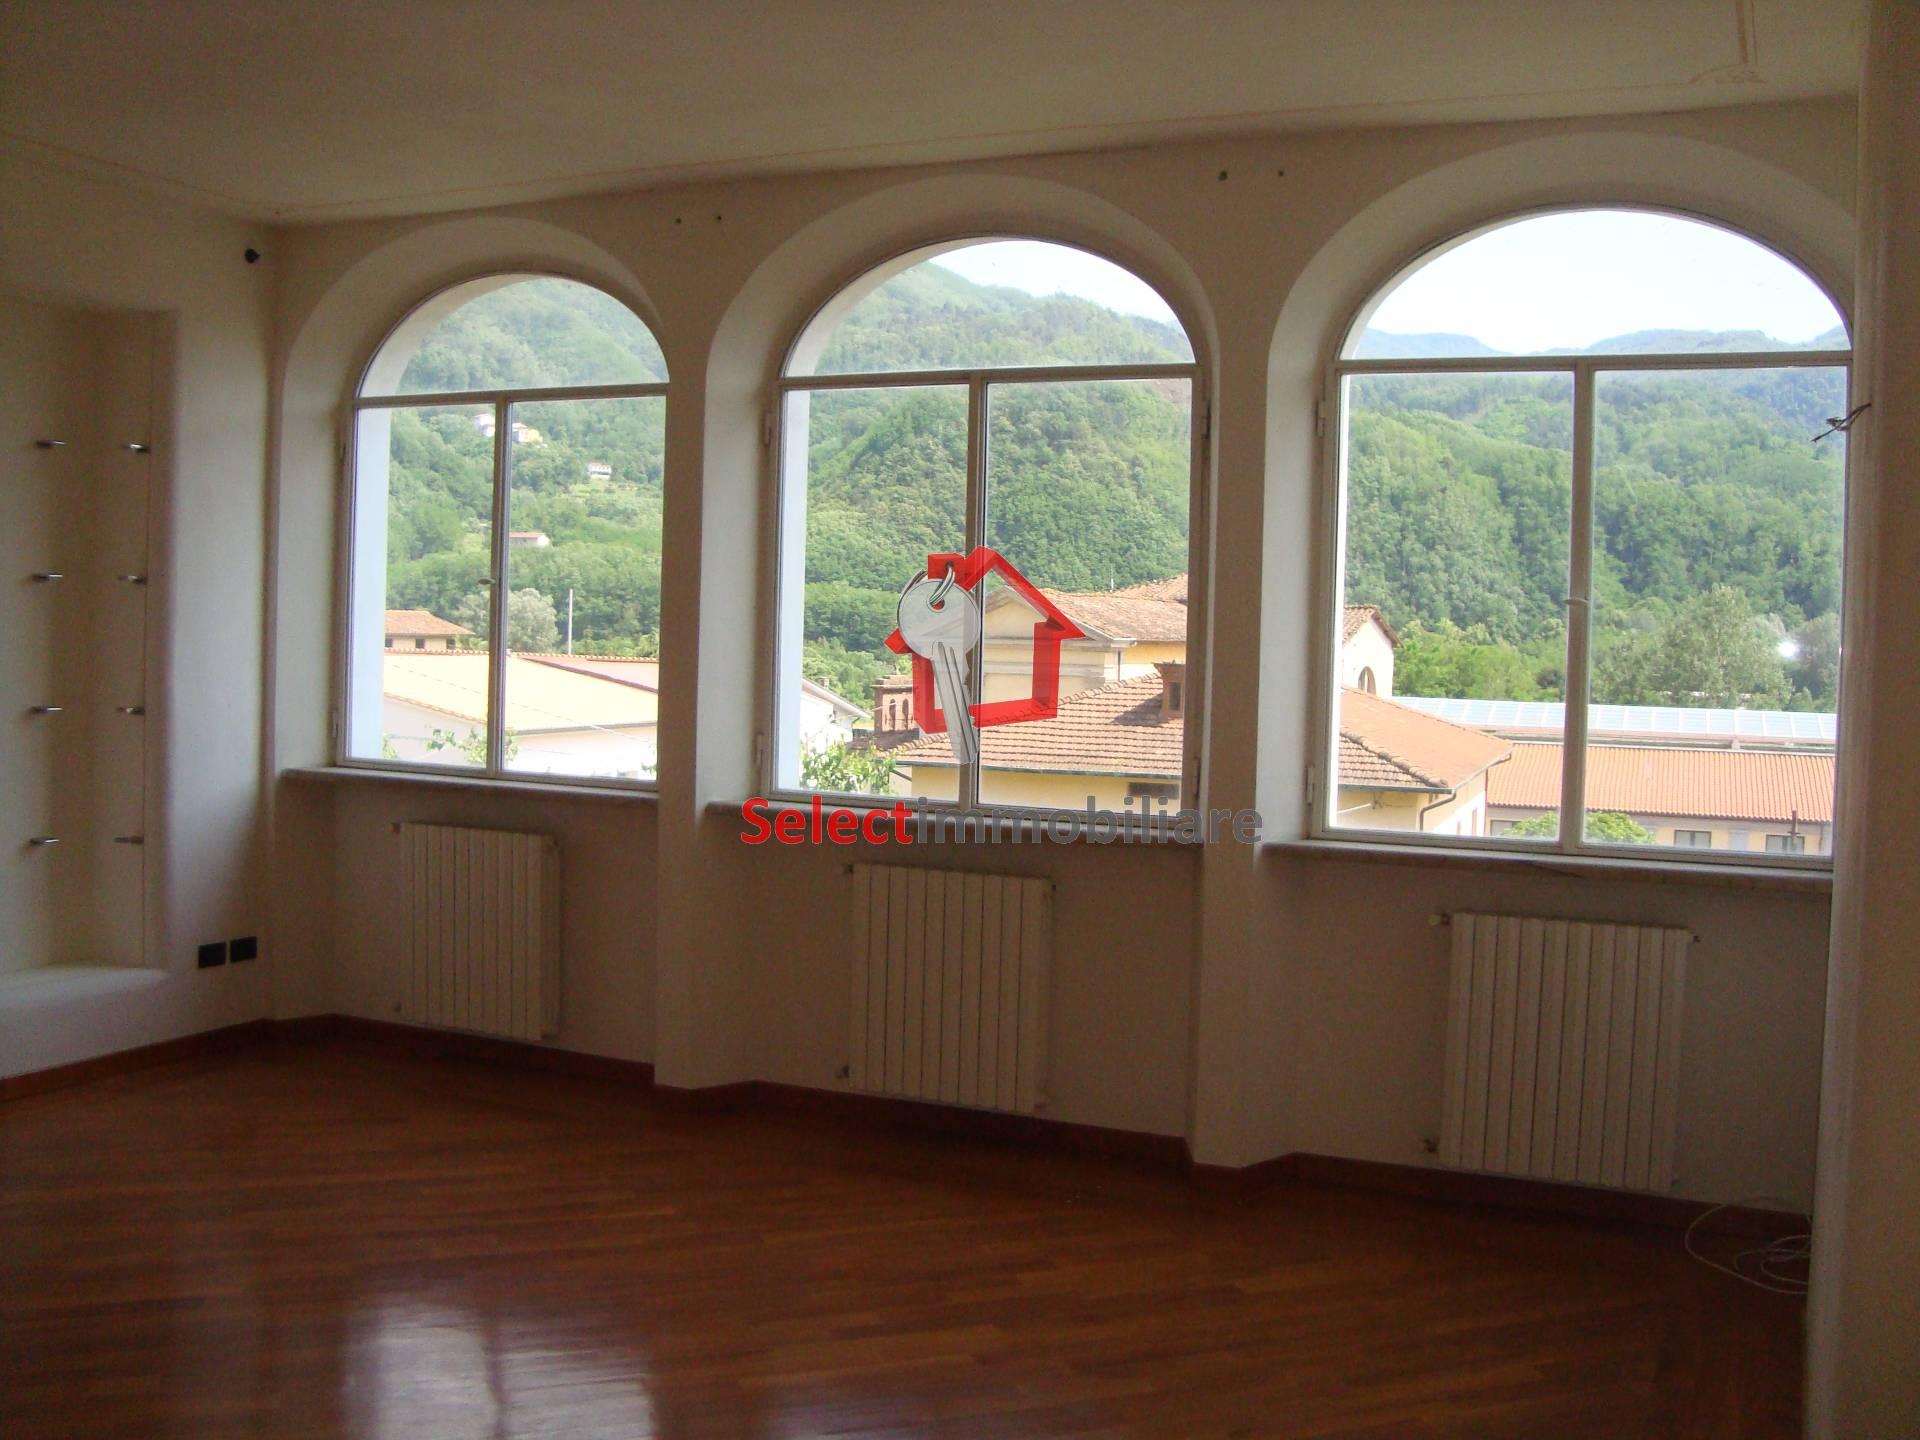 Appartamento in vendita a Borgo a Mozzano, 5 locali, zona Località: capoluogo, prezzo € 230.000   CambioCasa.it